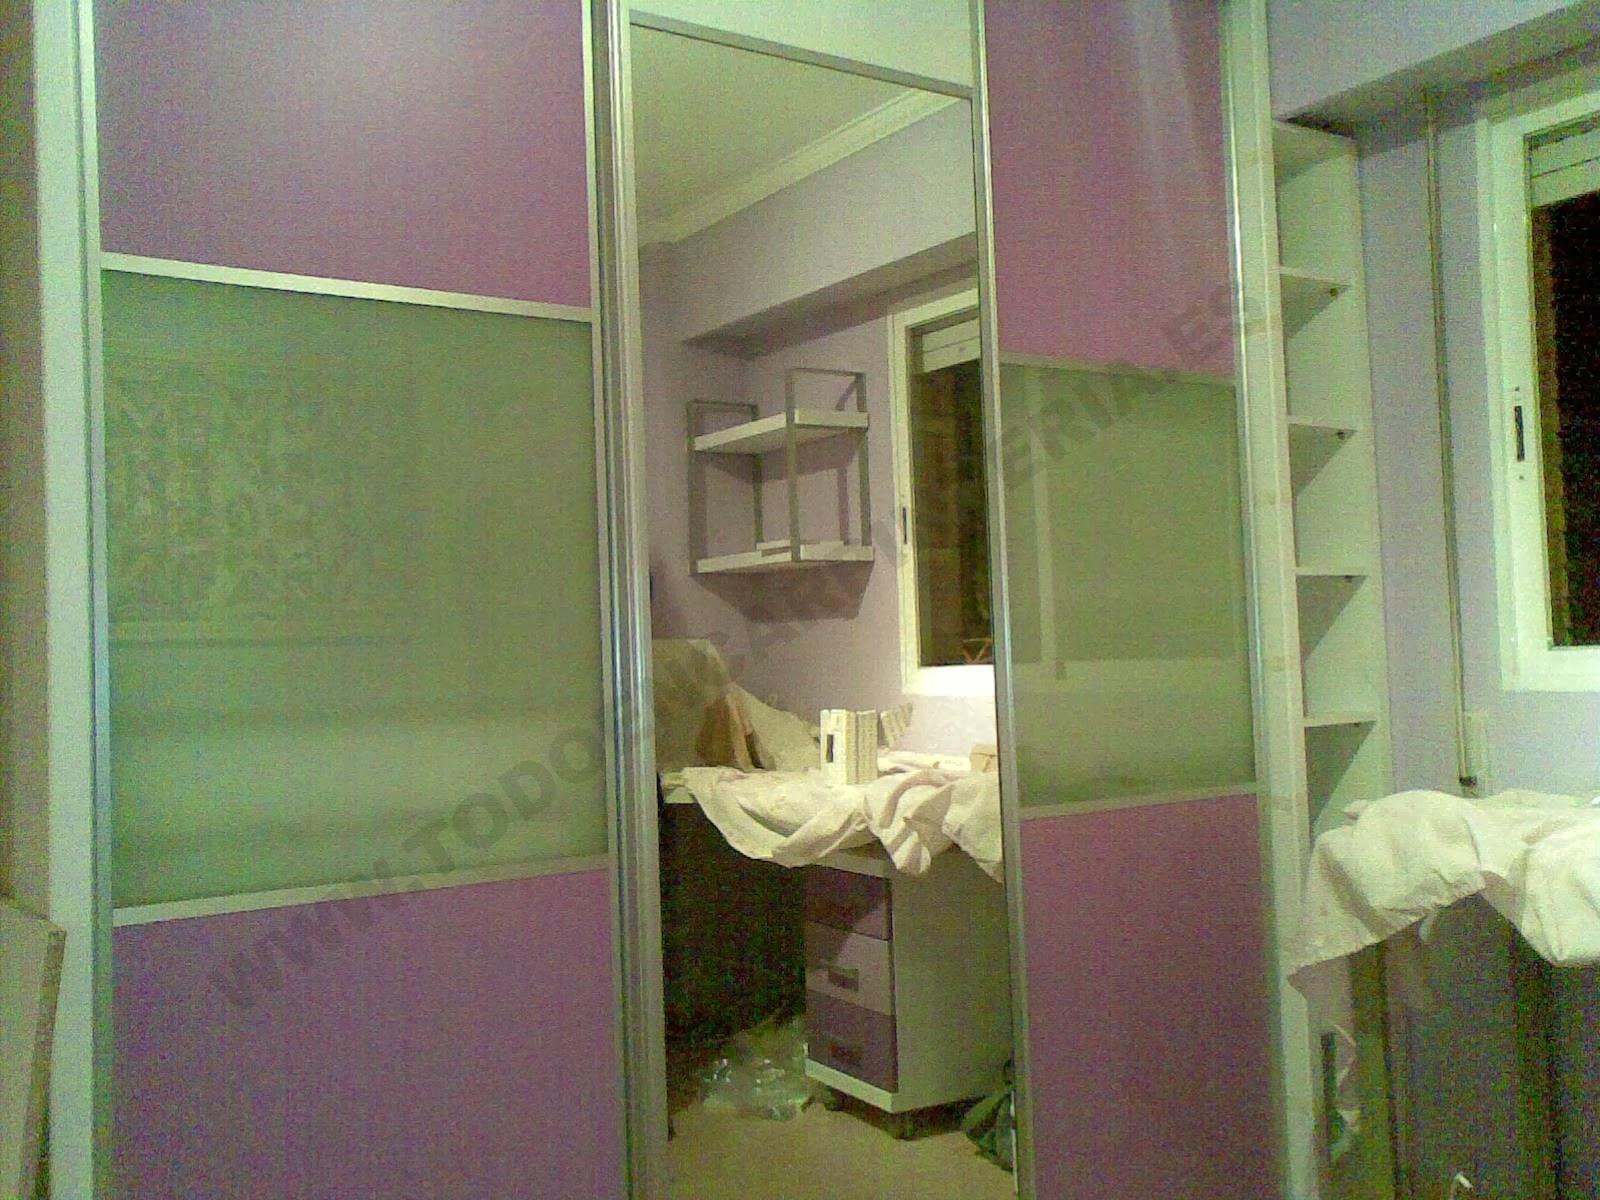 Puertas de armario lacadas de color violeta, con cristal al ácido y espejo.